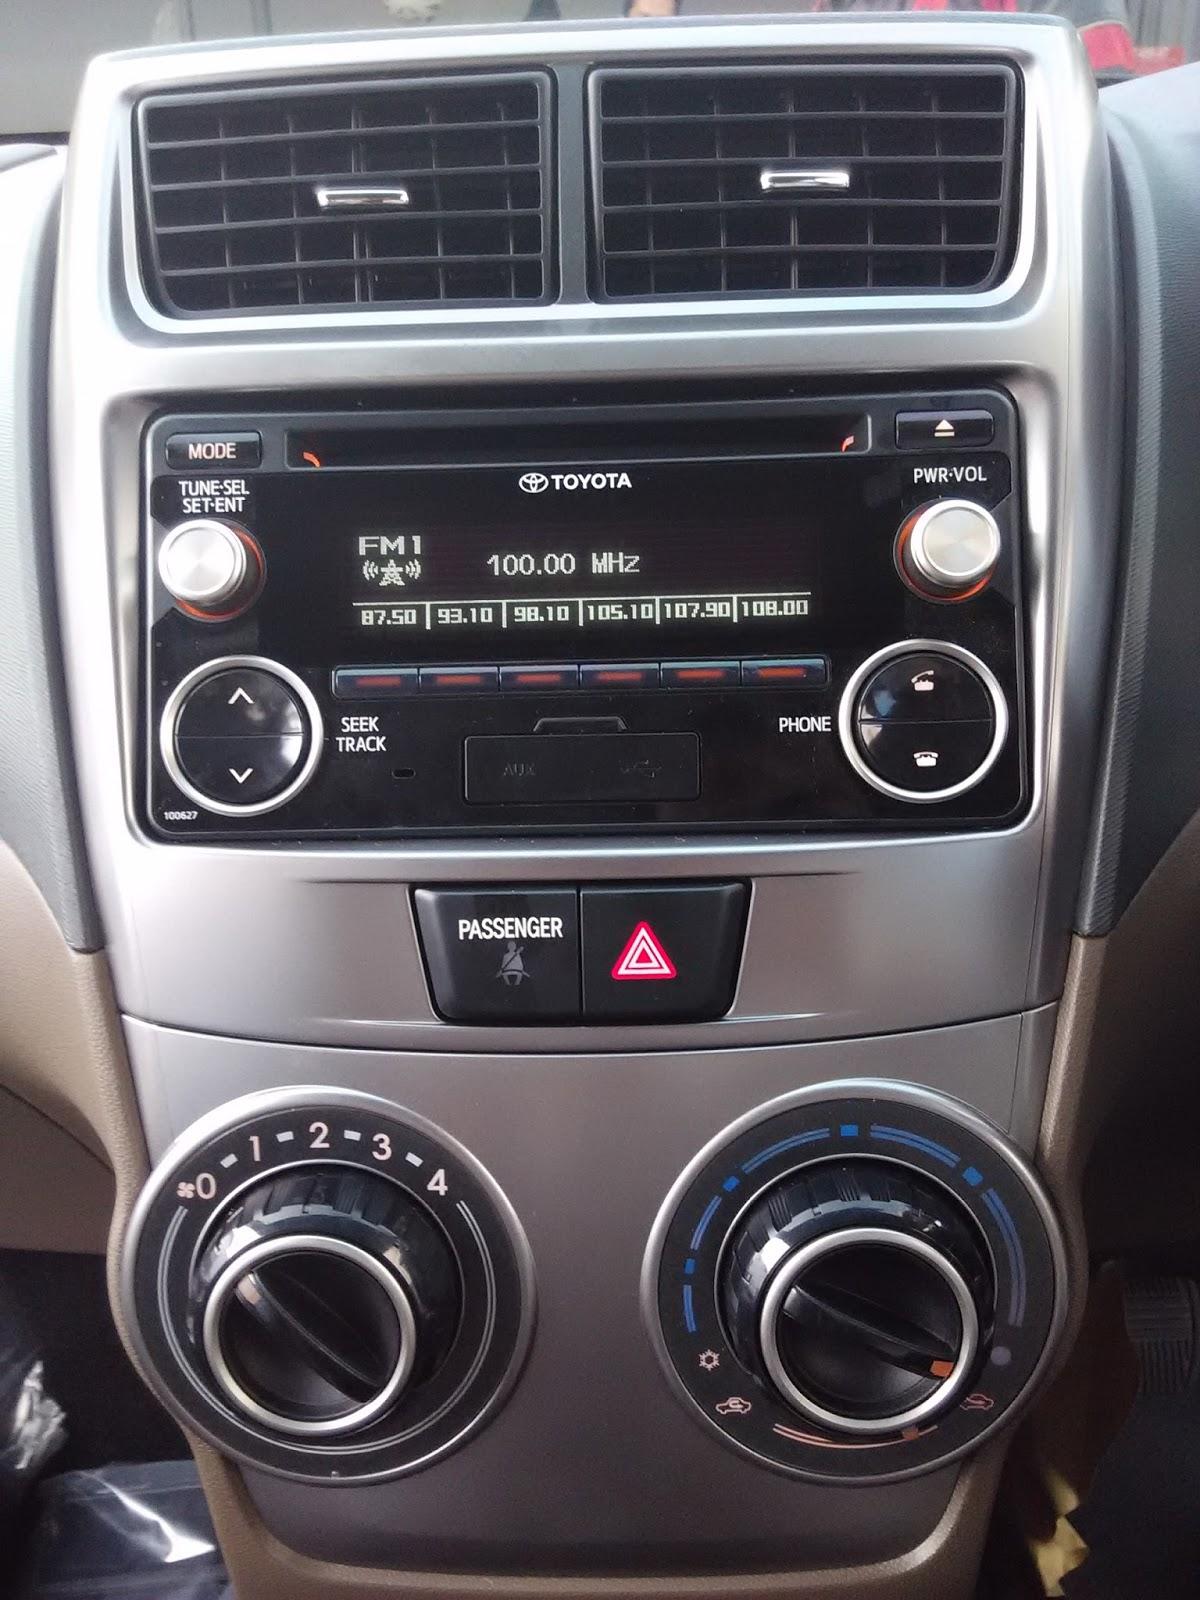 Audio Grand New Avanza Brand Toyota Alphard For Sale Agustus 2015 Dikta Informasi Produk Dan Harga Baru 2 Din Dengan Fitur Lengkap